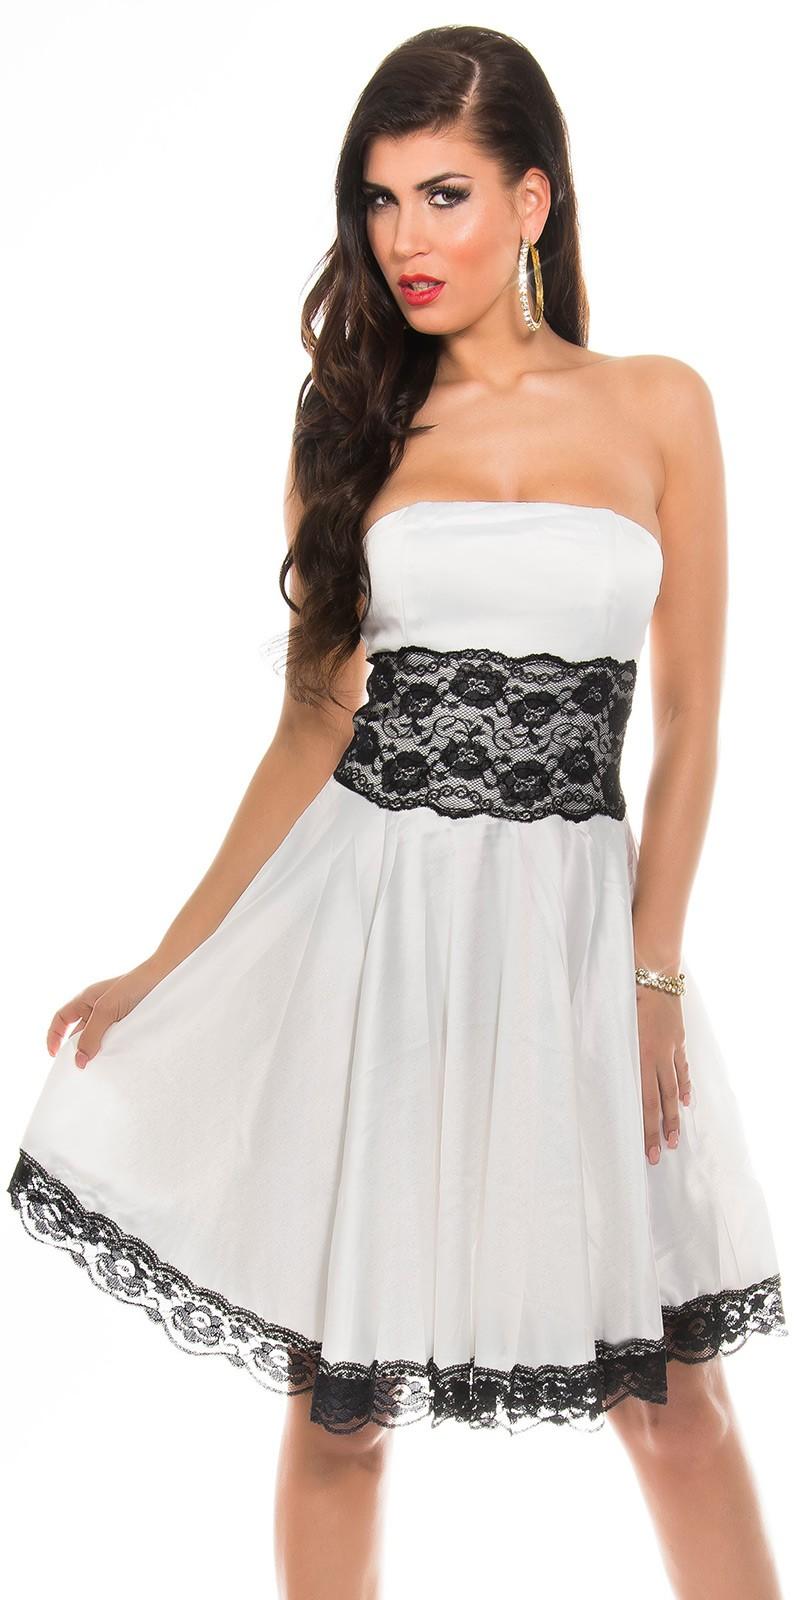 Fekete csipke rátétes alkalmi ruha - fehér (38 9ee3a68eba